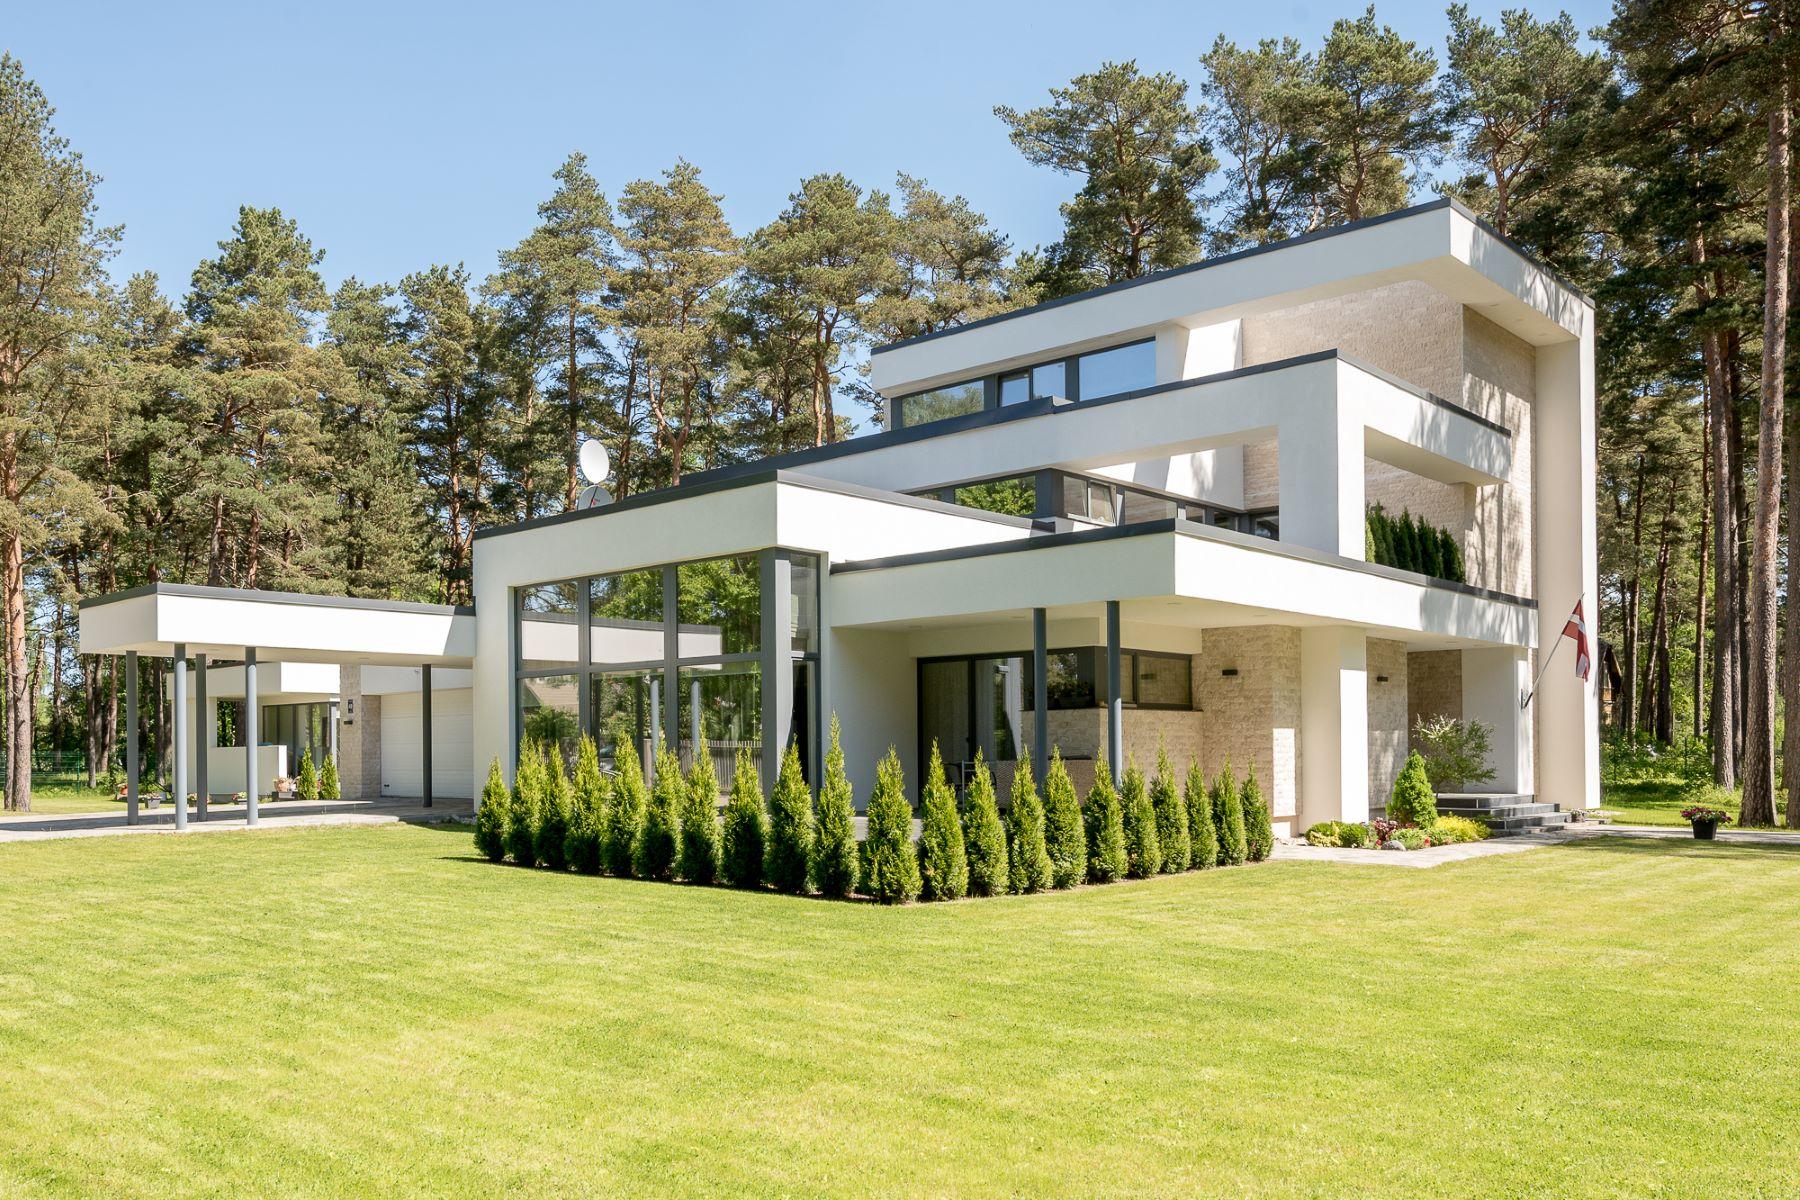 Maison unifamiliale pour l Vente à Modern house in Jurmala Jurmala, Rigas County, Lettonie